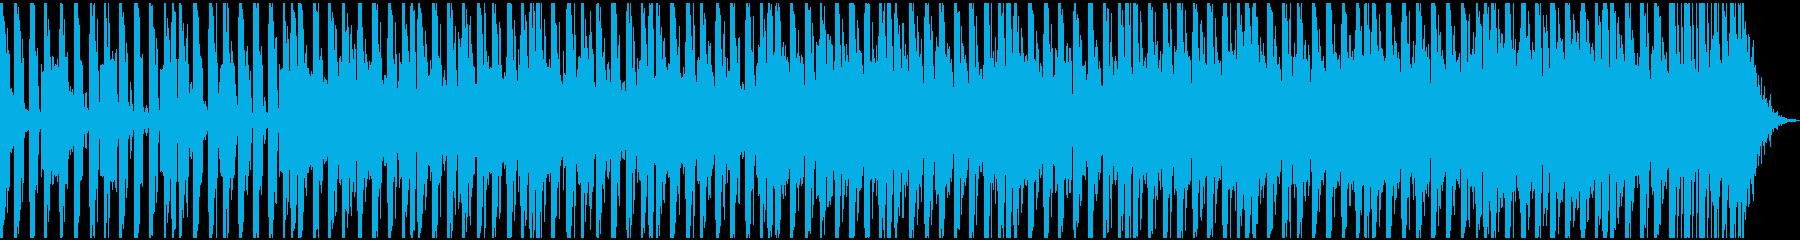 ダンスエレクトロニックトラックはエ...の再生済みの波形